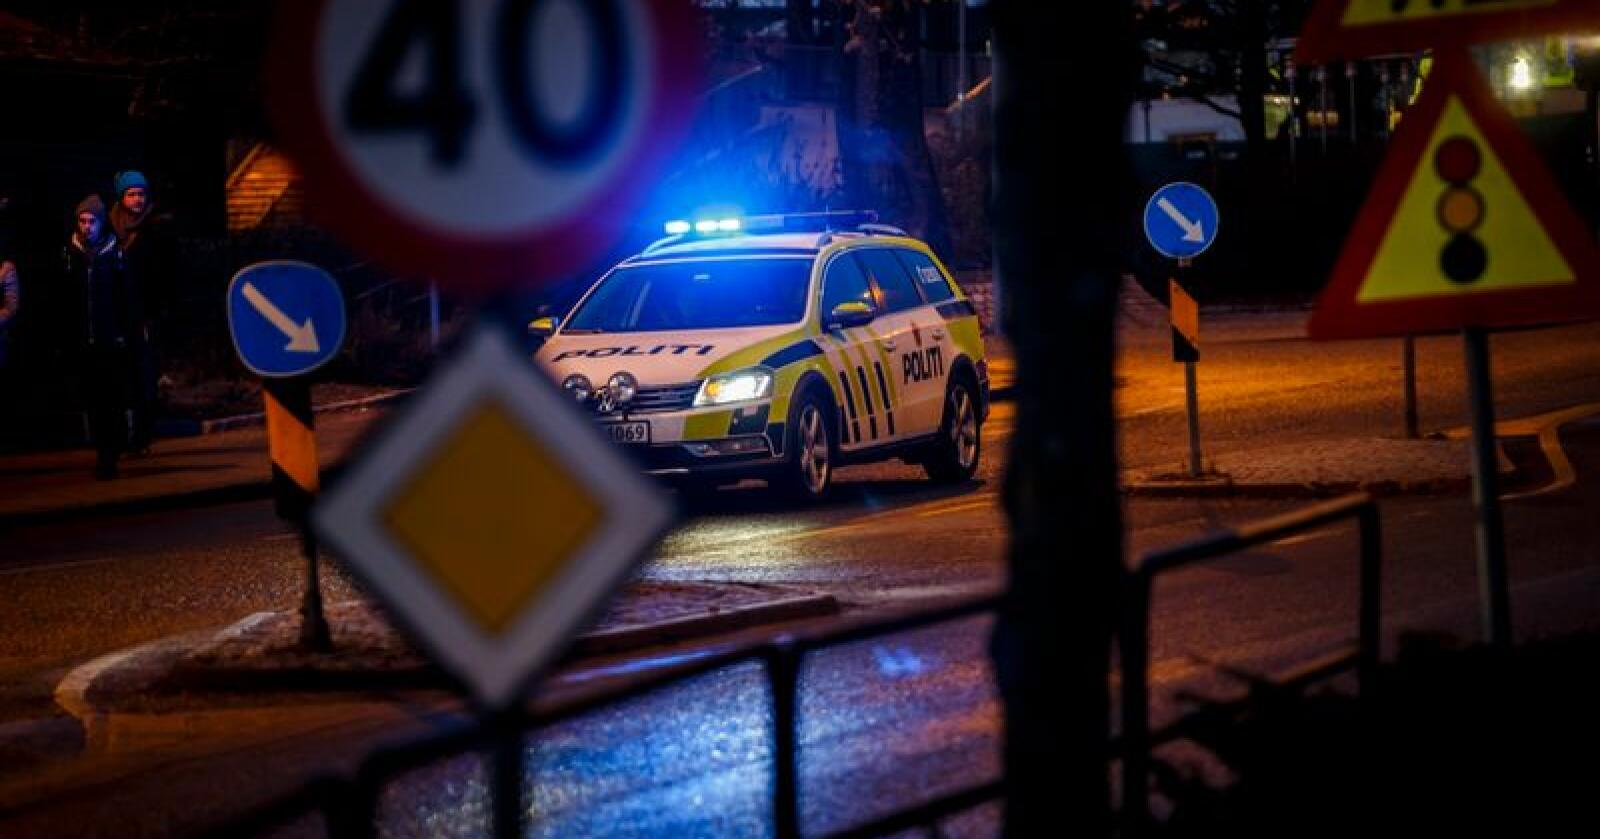 Senterpartiet har vært sterke motstandere av politireformen, særlig da 126 lensmannskontorer ble lagt ned, og ordningen med politikontakter erstattet lensmennene.  Foto: Heiko Junge / NTB scanpix